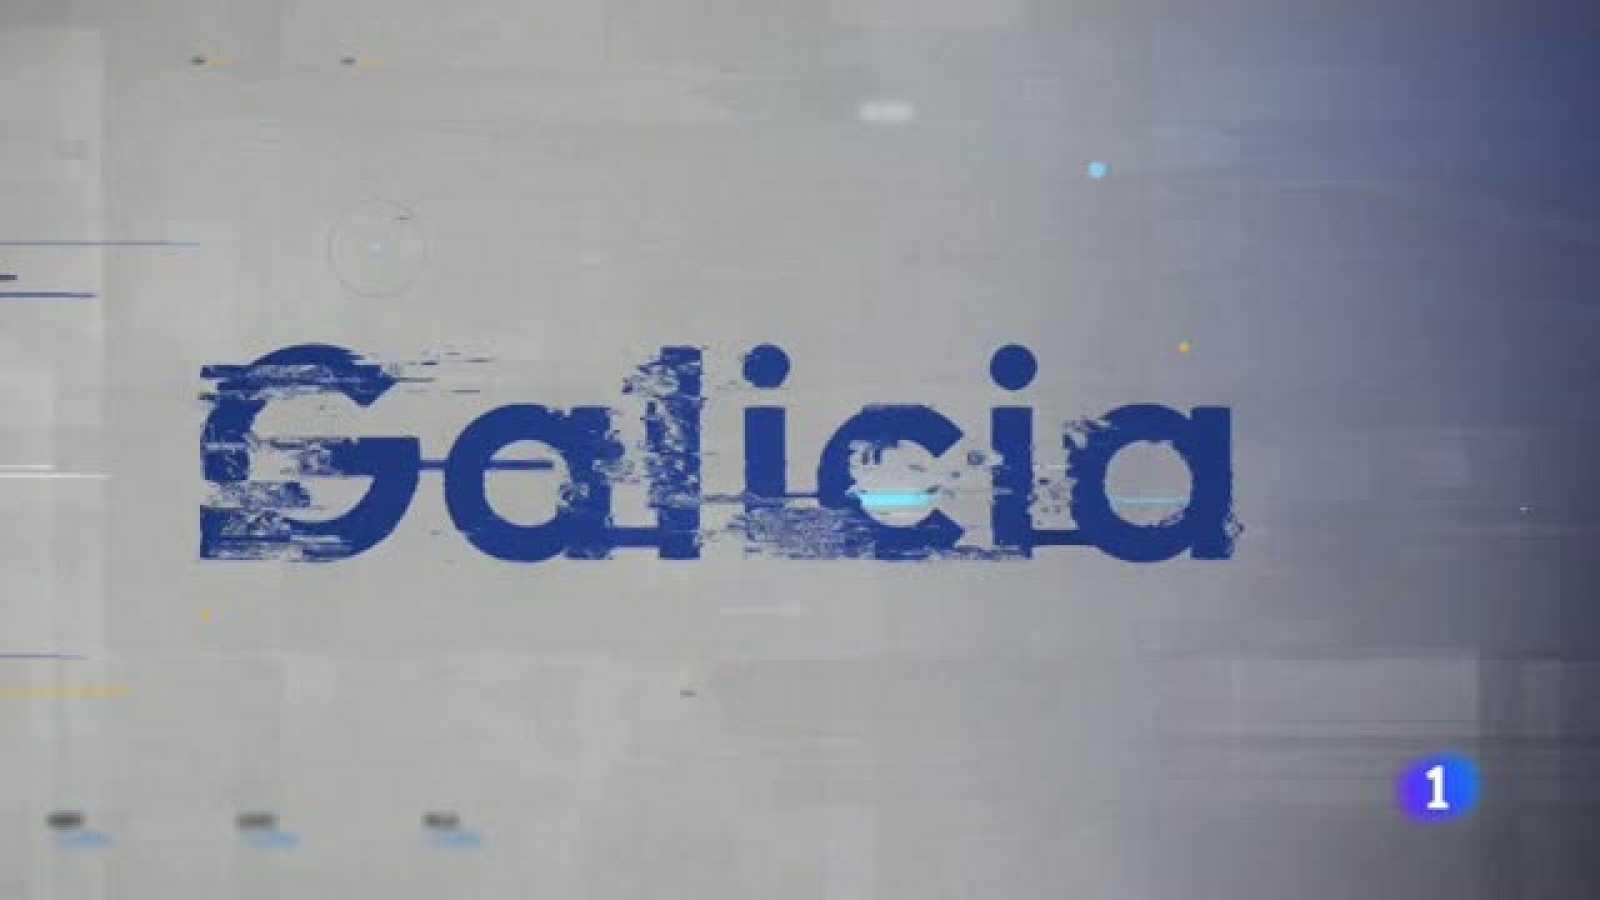 Galicia en 2 minutos 08-04-2021